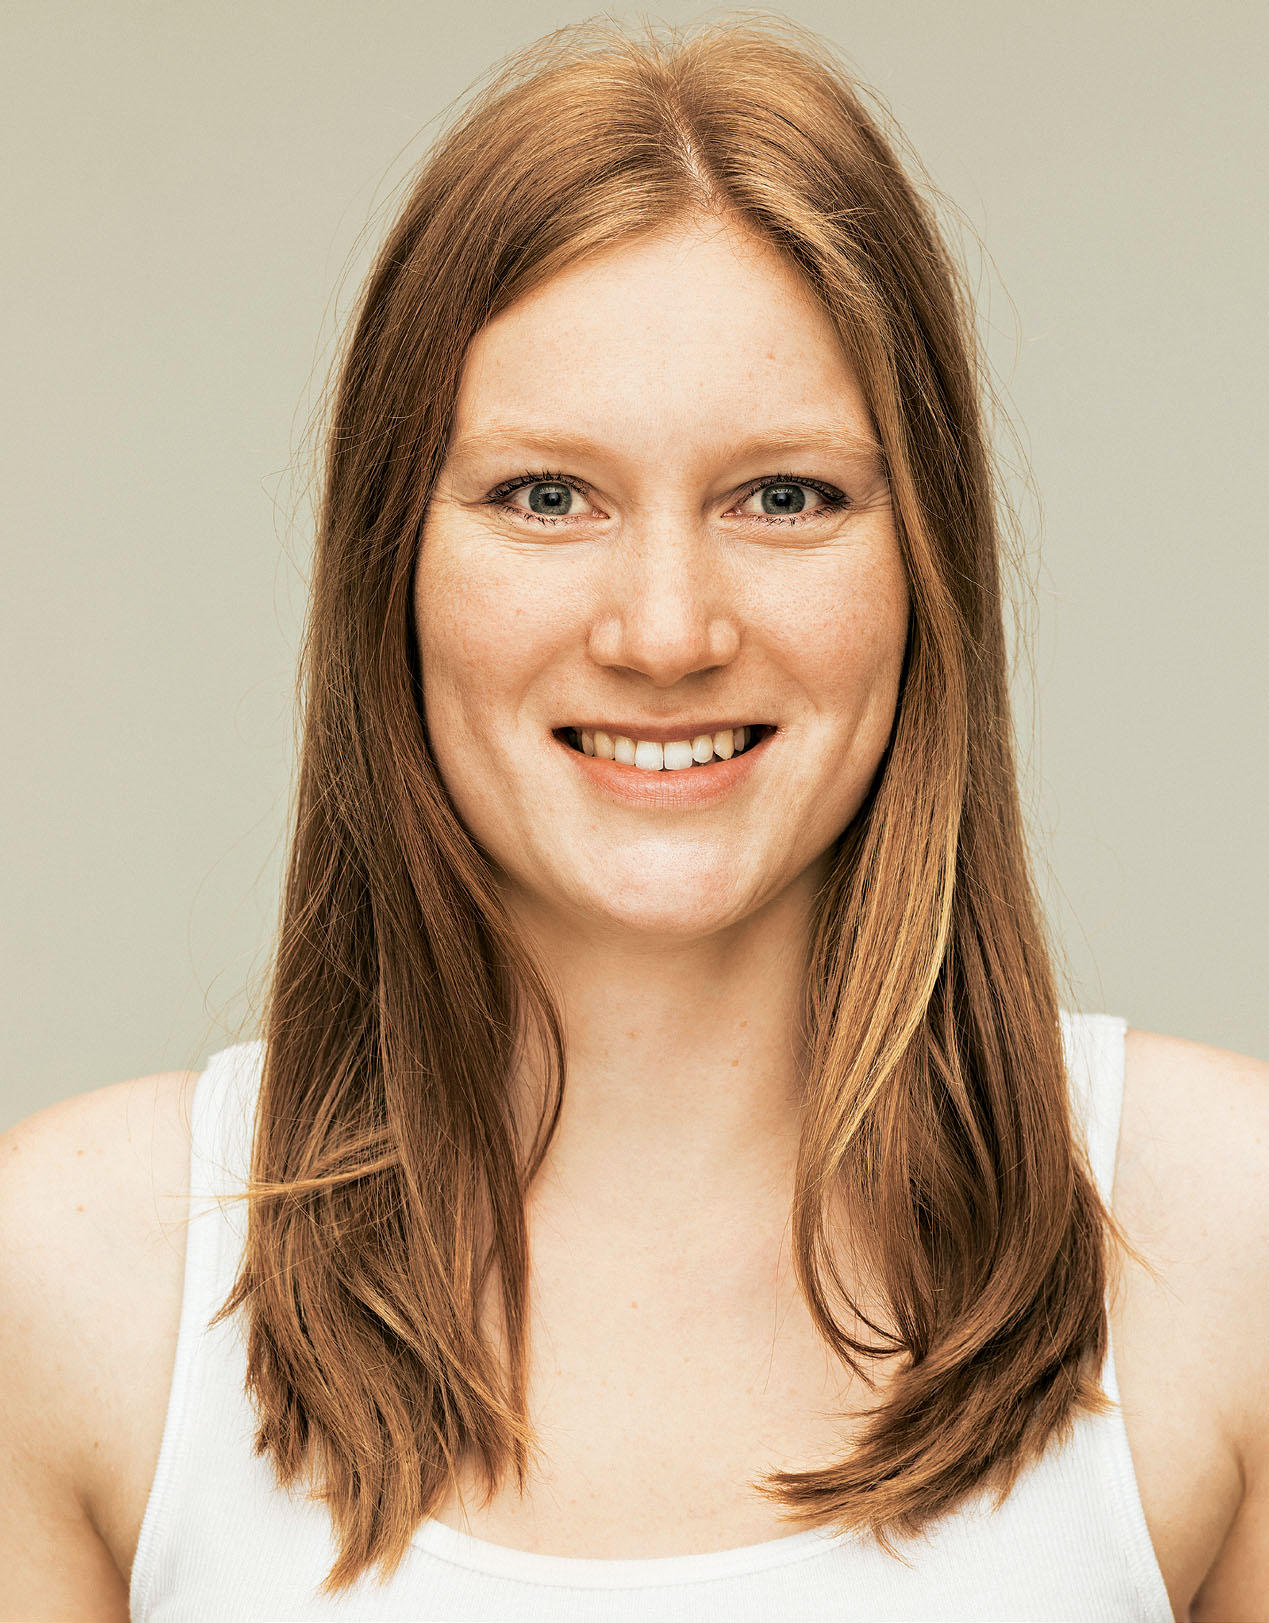 Frisur: Louisa vor dem Umstyling